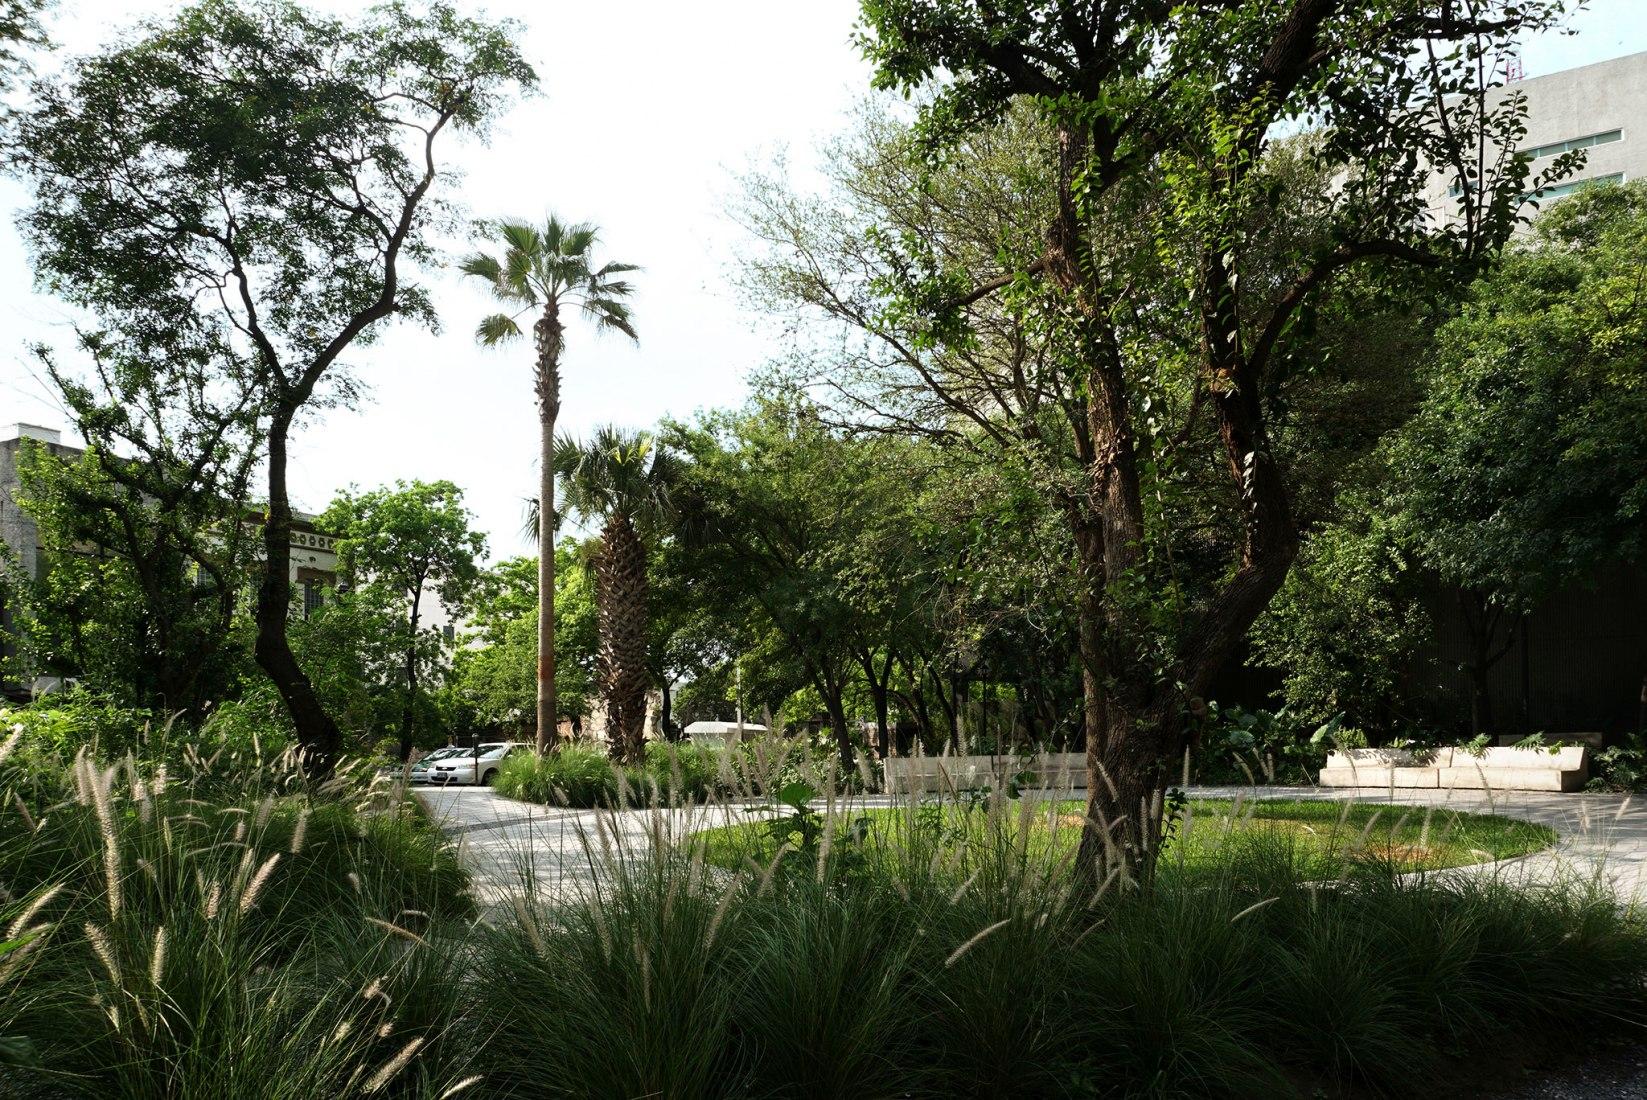 Jardín Ciudadano by Práctica Arquitectura. Photograph by César Bejar, The Raw, Archivo Práctica Arquitectura